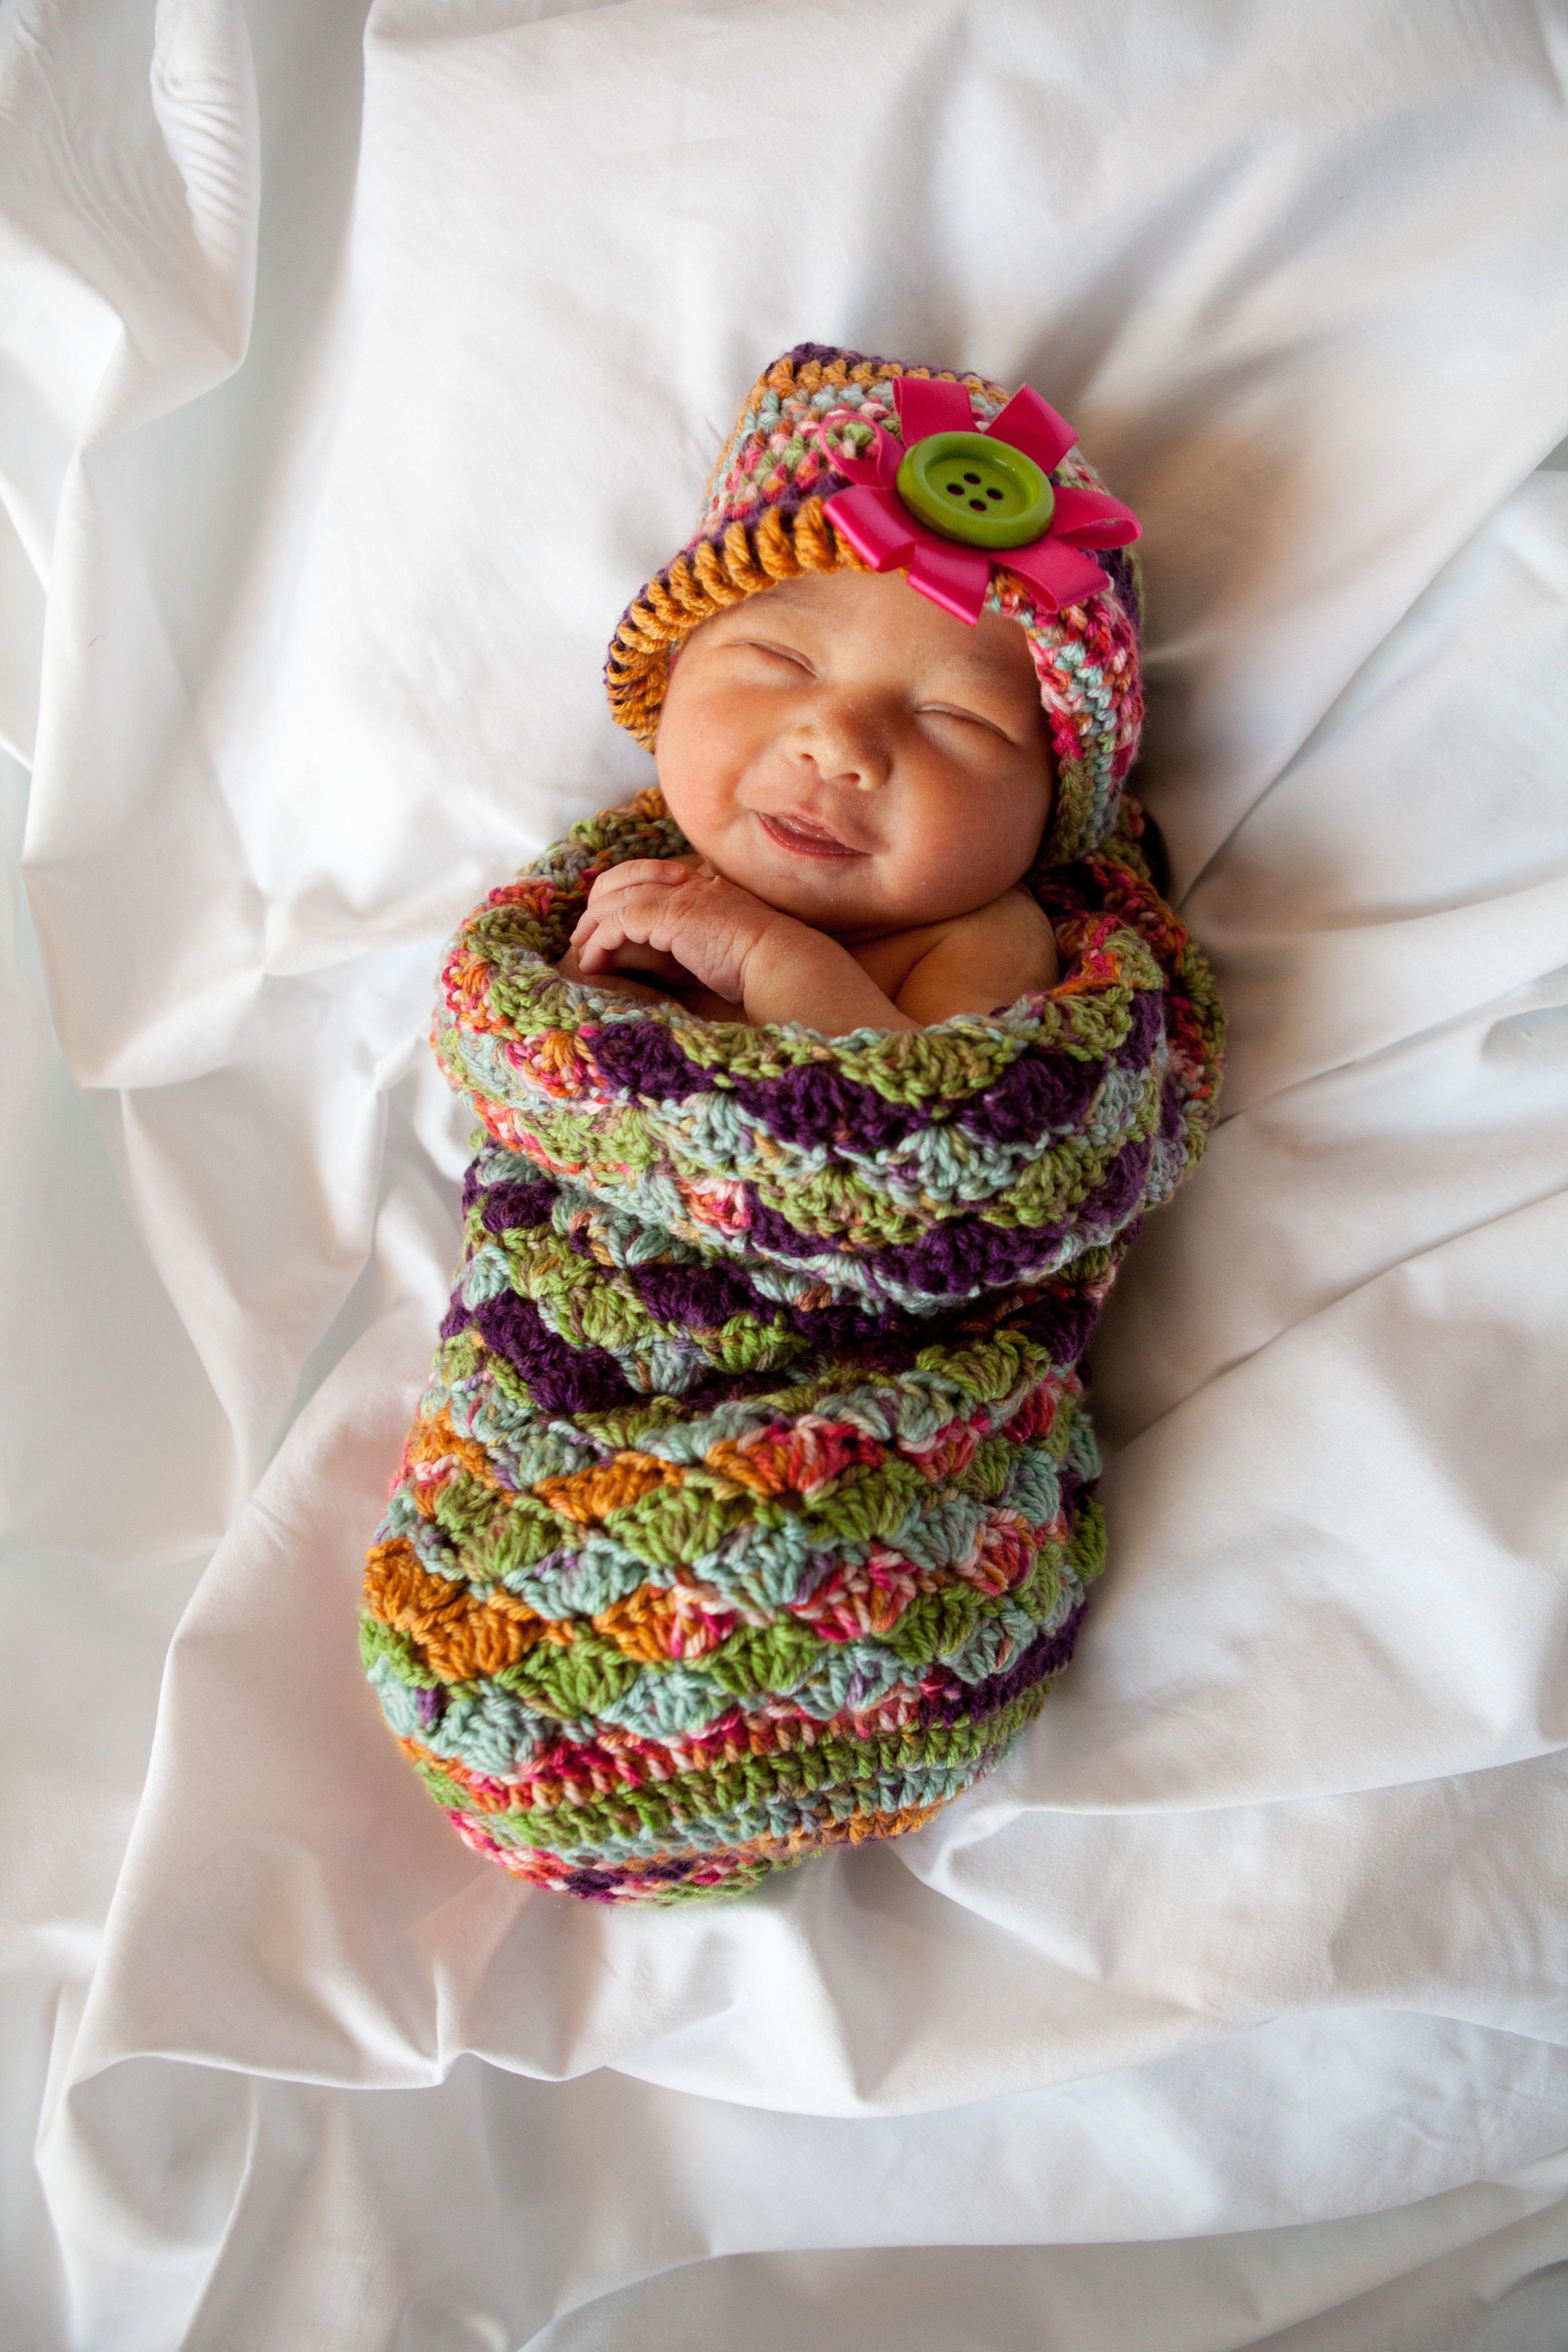 Crochet baby cocoon/hat | NÄHEN FÜR STERNENKINDER | Pinterest ...